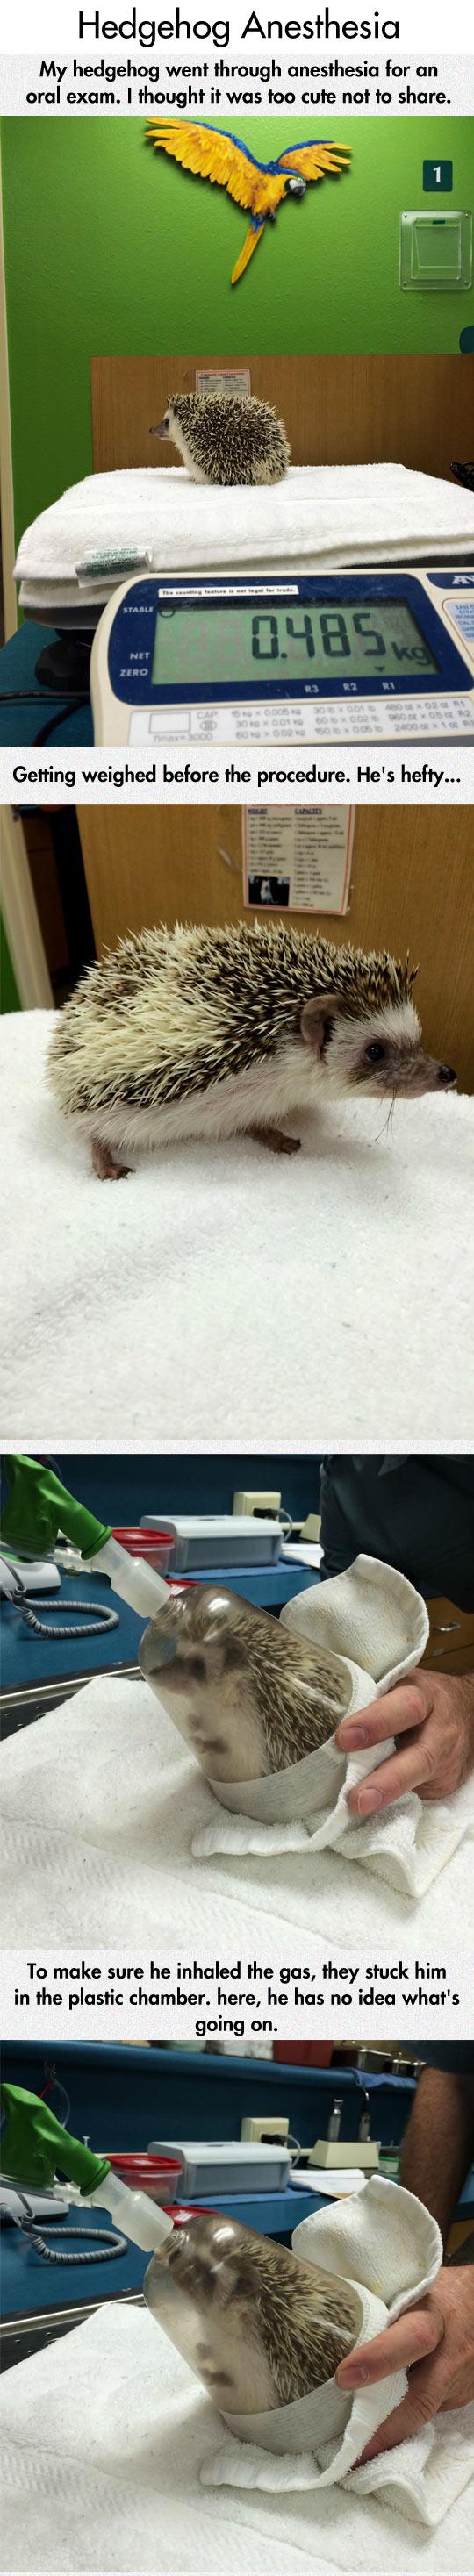 funny-hedgehog-anesthesia-oral-exam